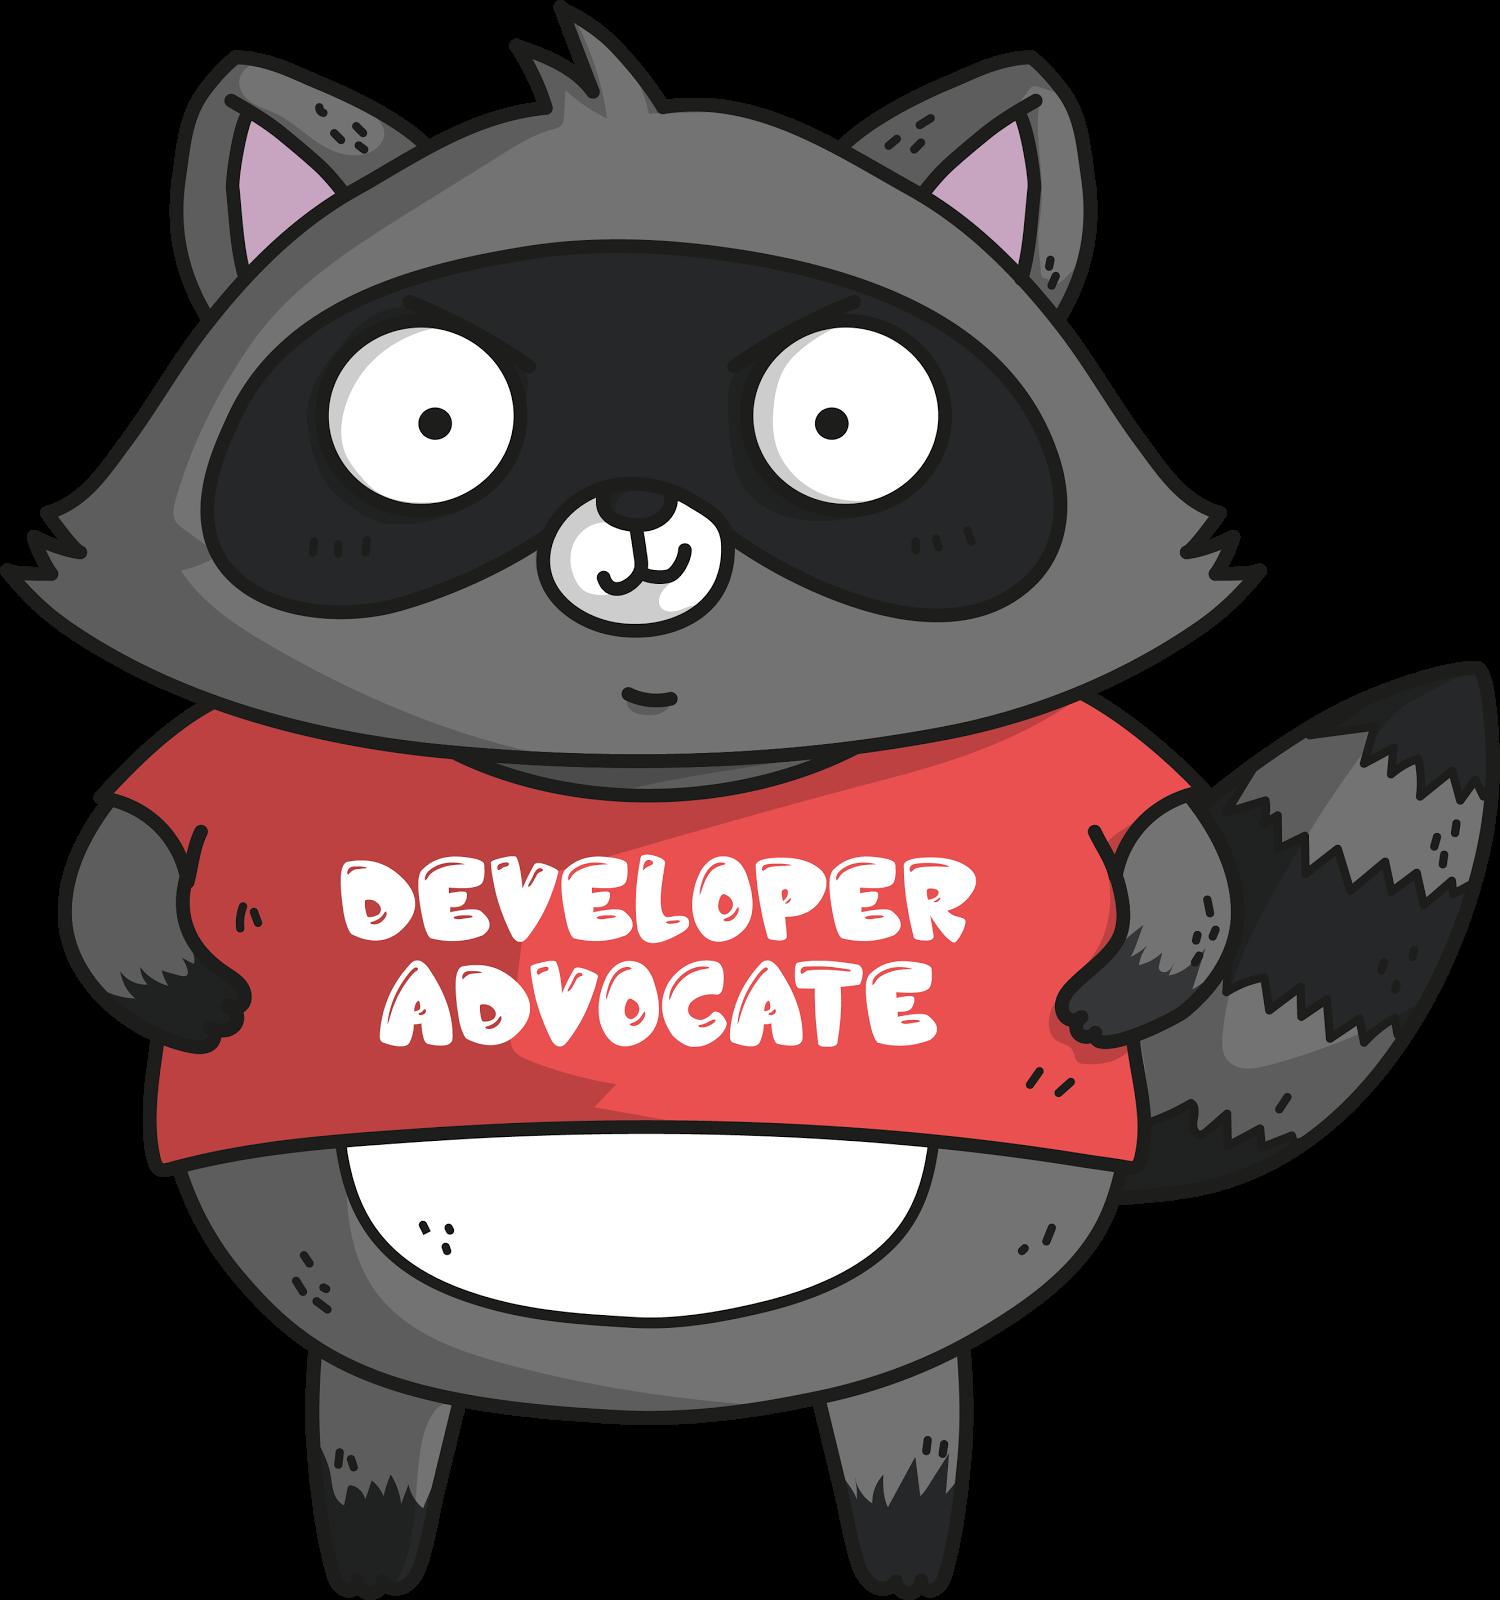 Cloud Developer Advocate